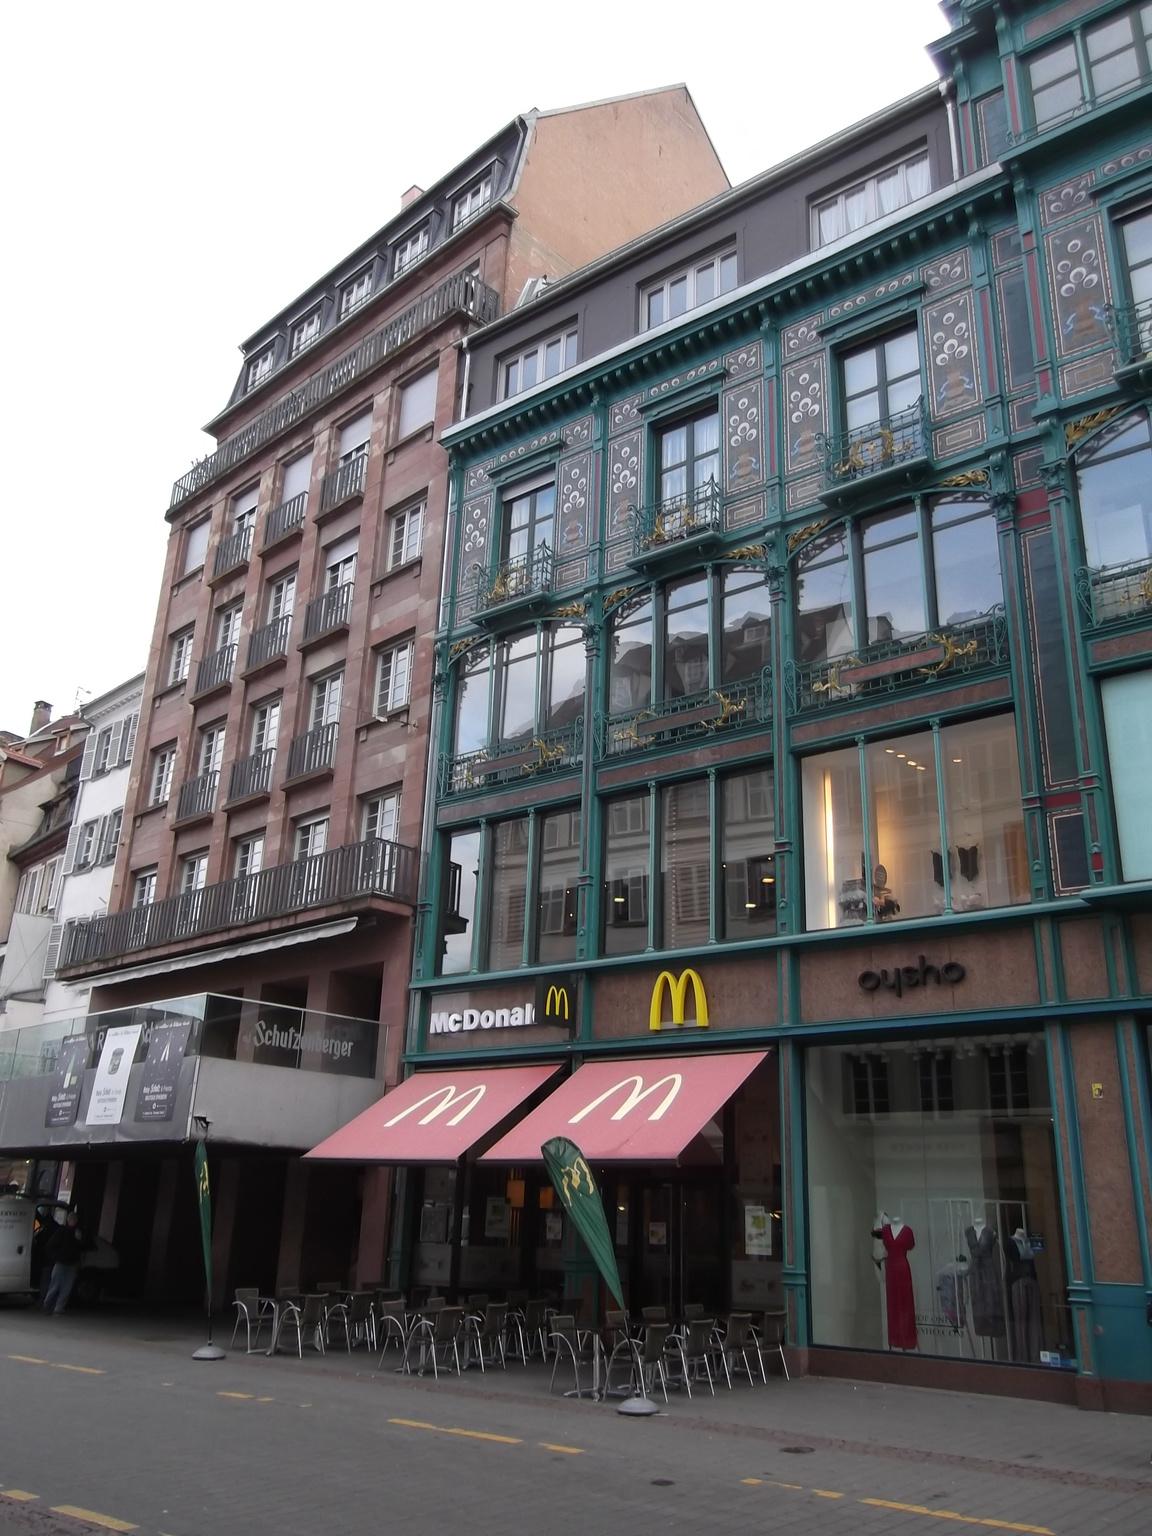 29 Rue De La Ferronnerie maisons de strasbourg » 29, rue des grandes arcades